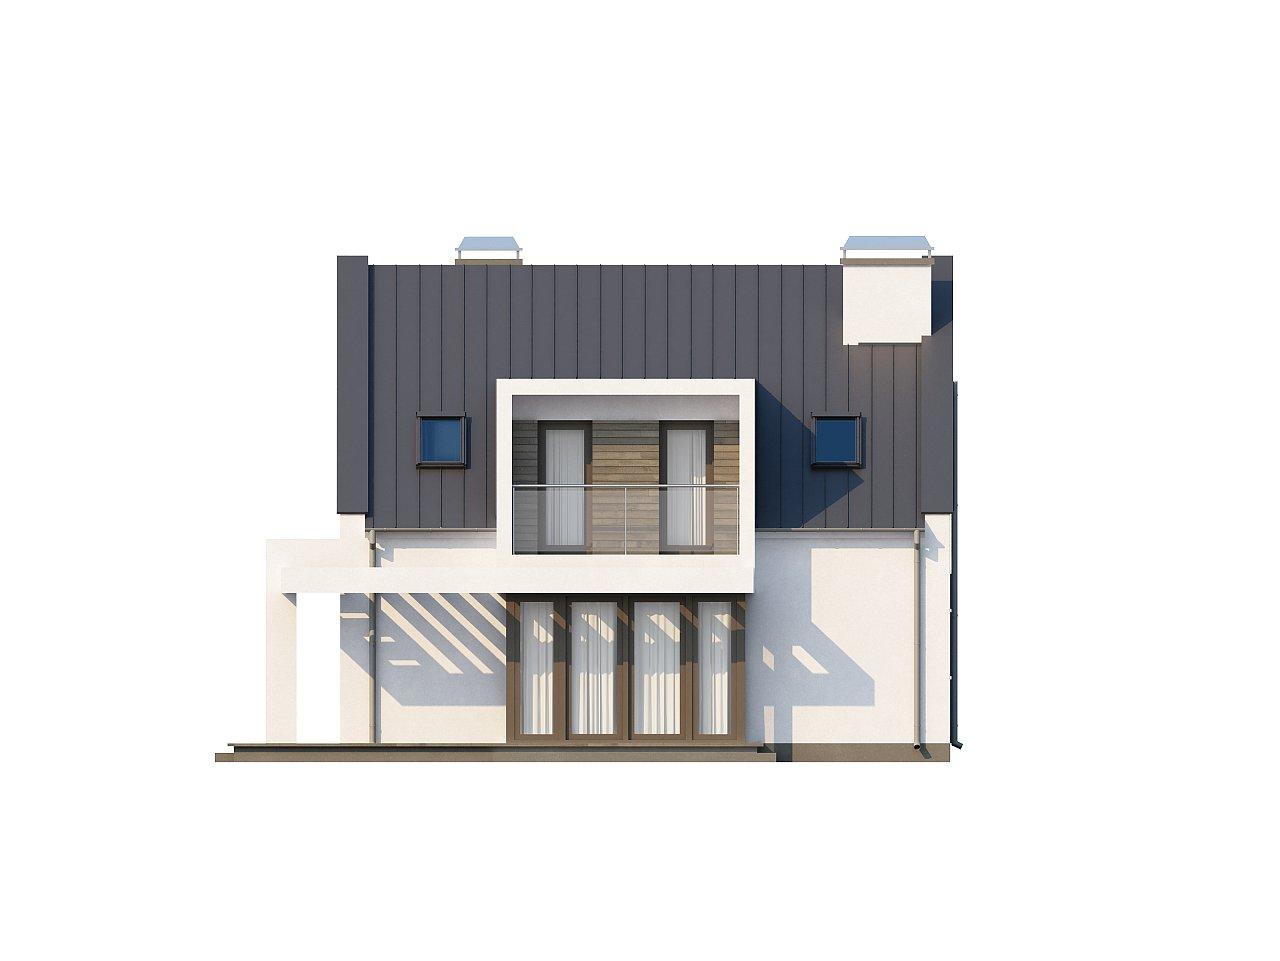 Современный дом с уютным и функциональным интерьером. Интересное сочетание двускатной крыши и кубических форм. - фото 24